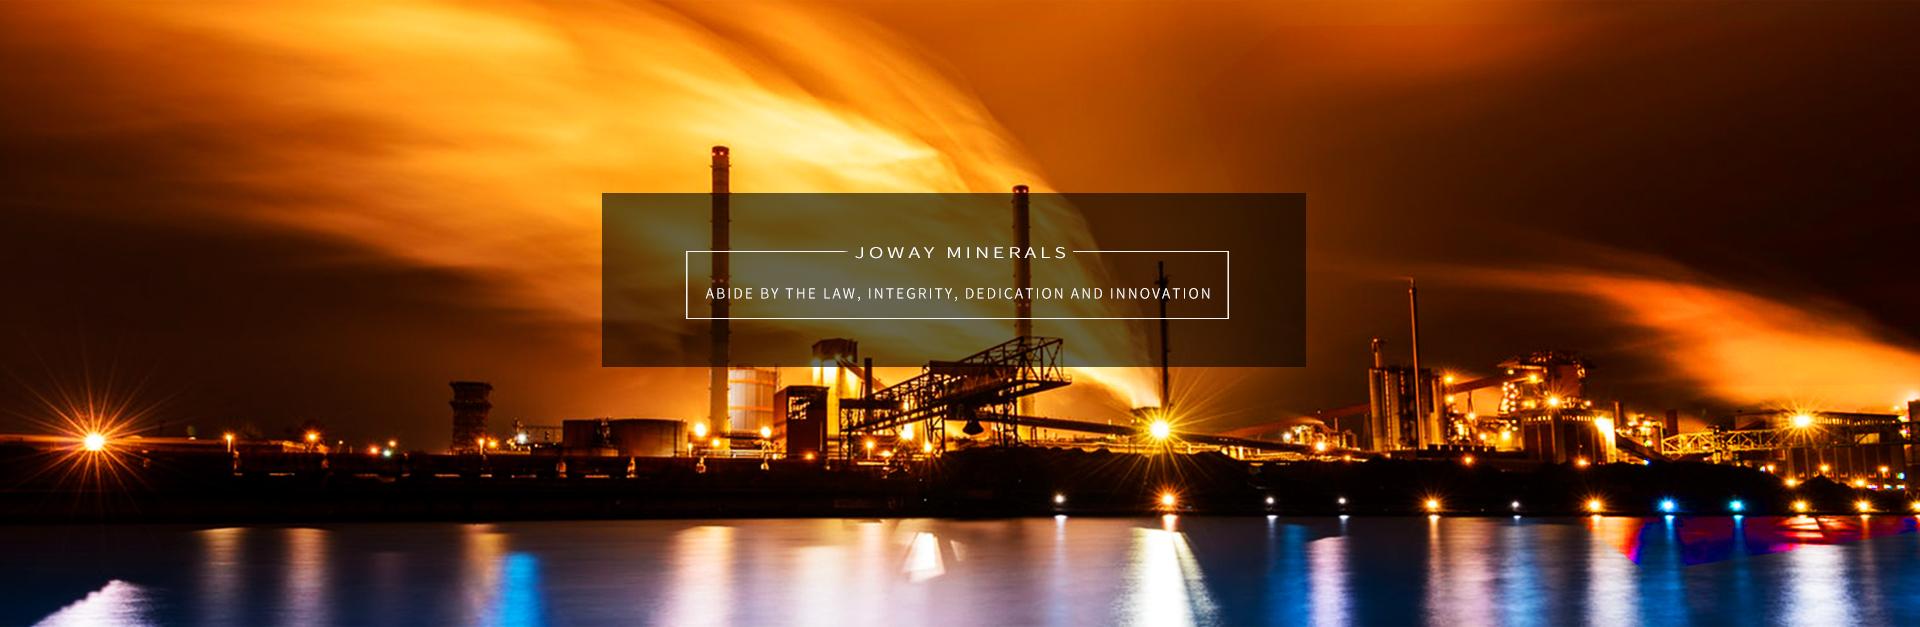 Dalian Joway Minerals Co., Ltd